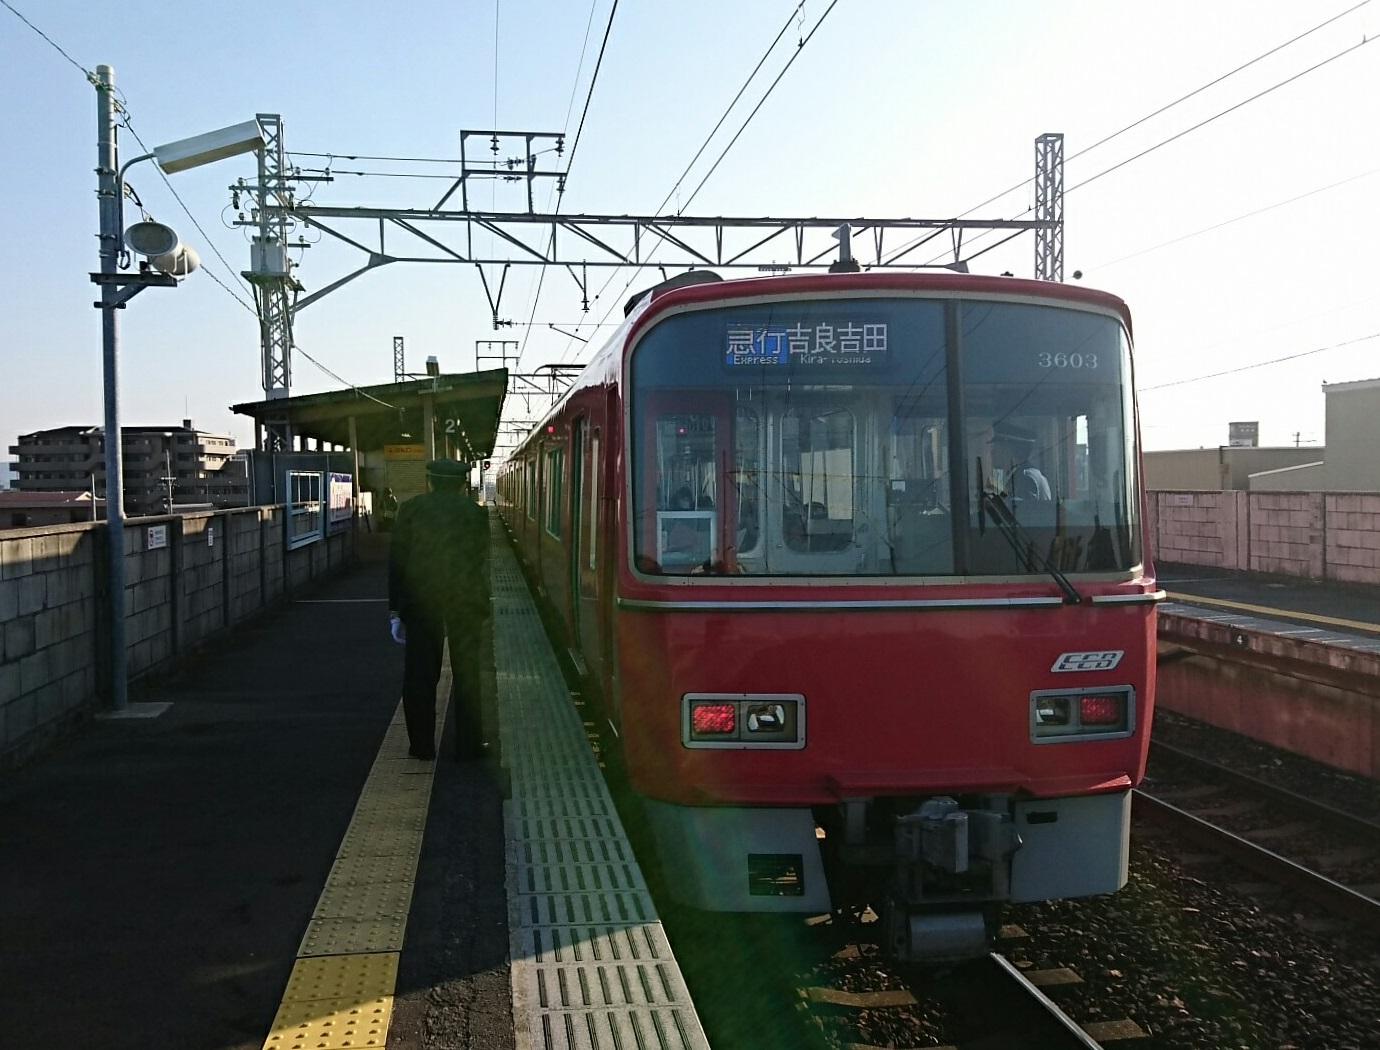 2018.2.23 東岡崎 (26) みなみあんじょう - 吉良吉田いき急行 1380-1050